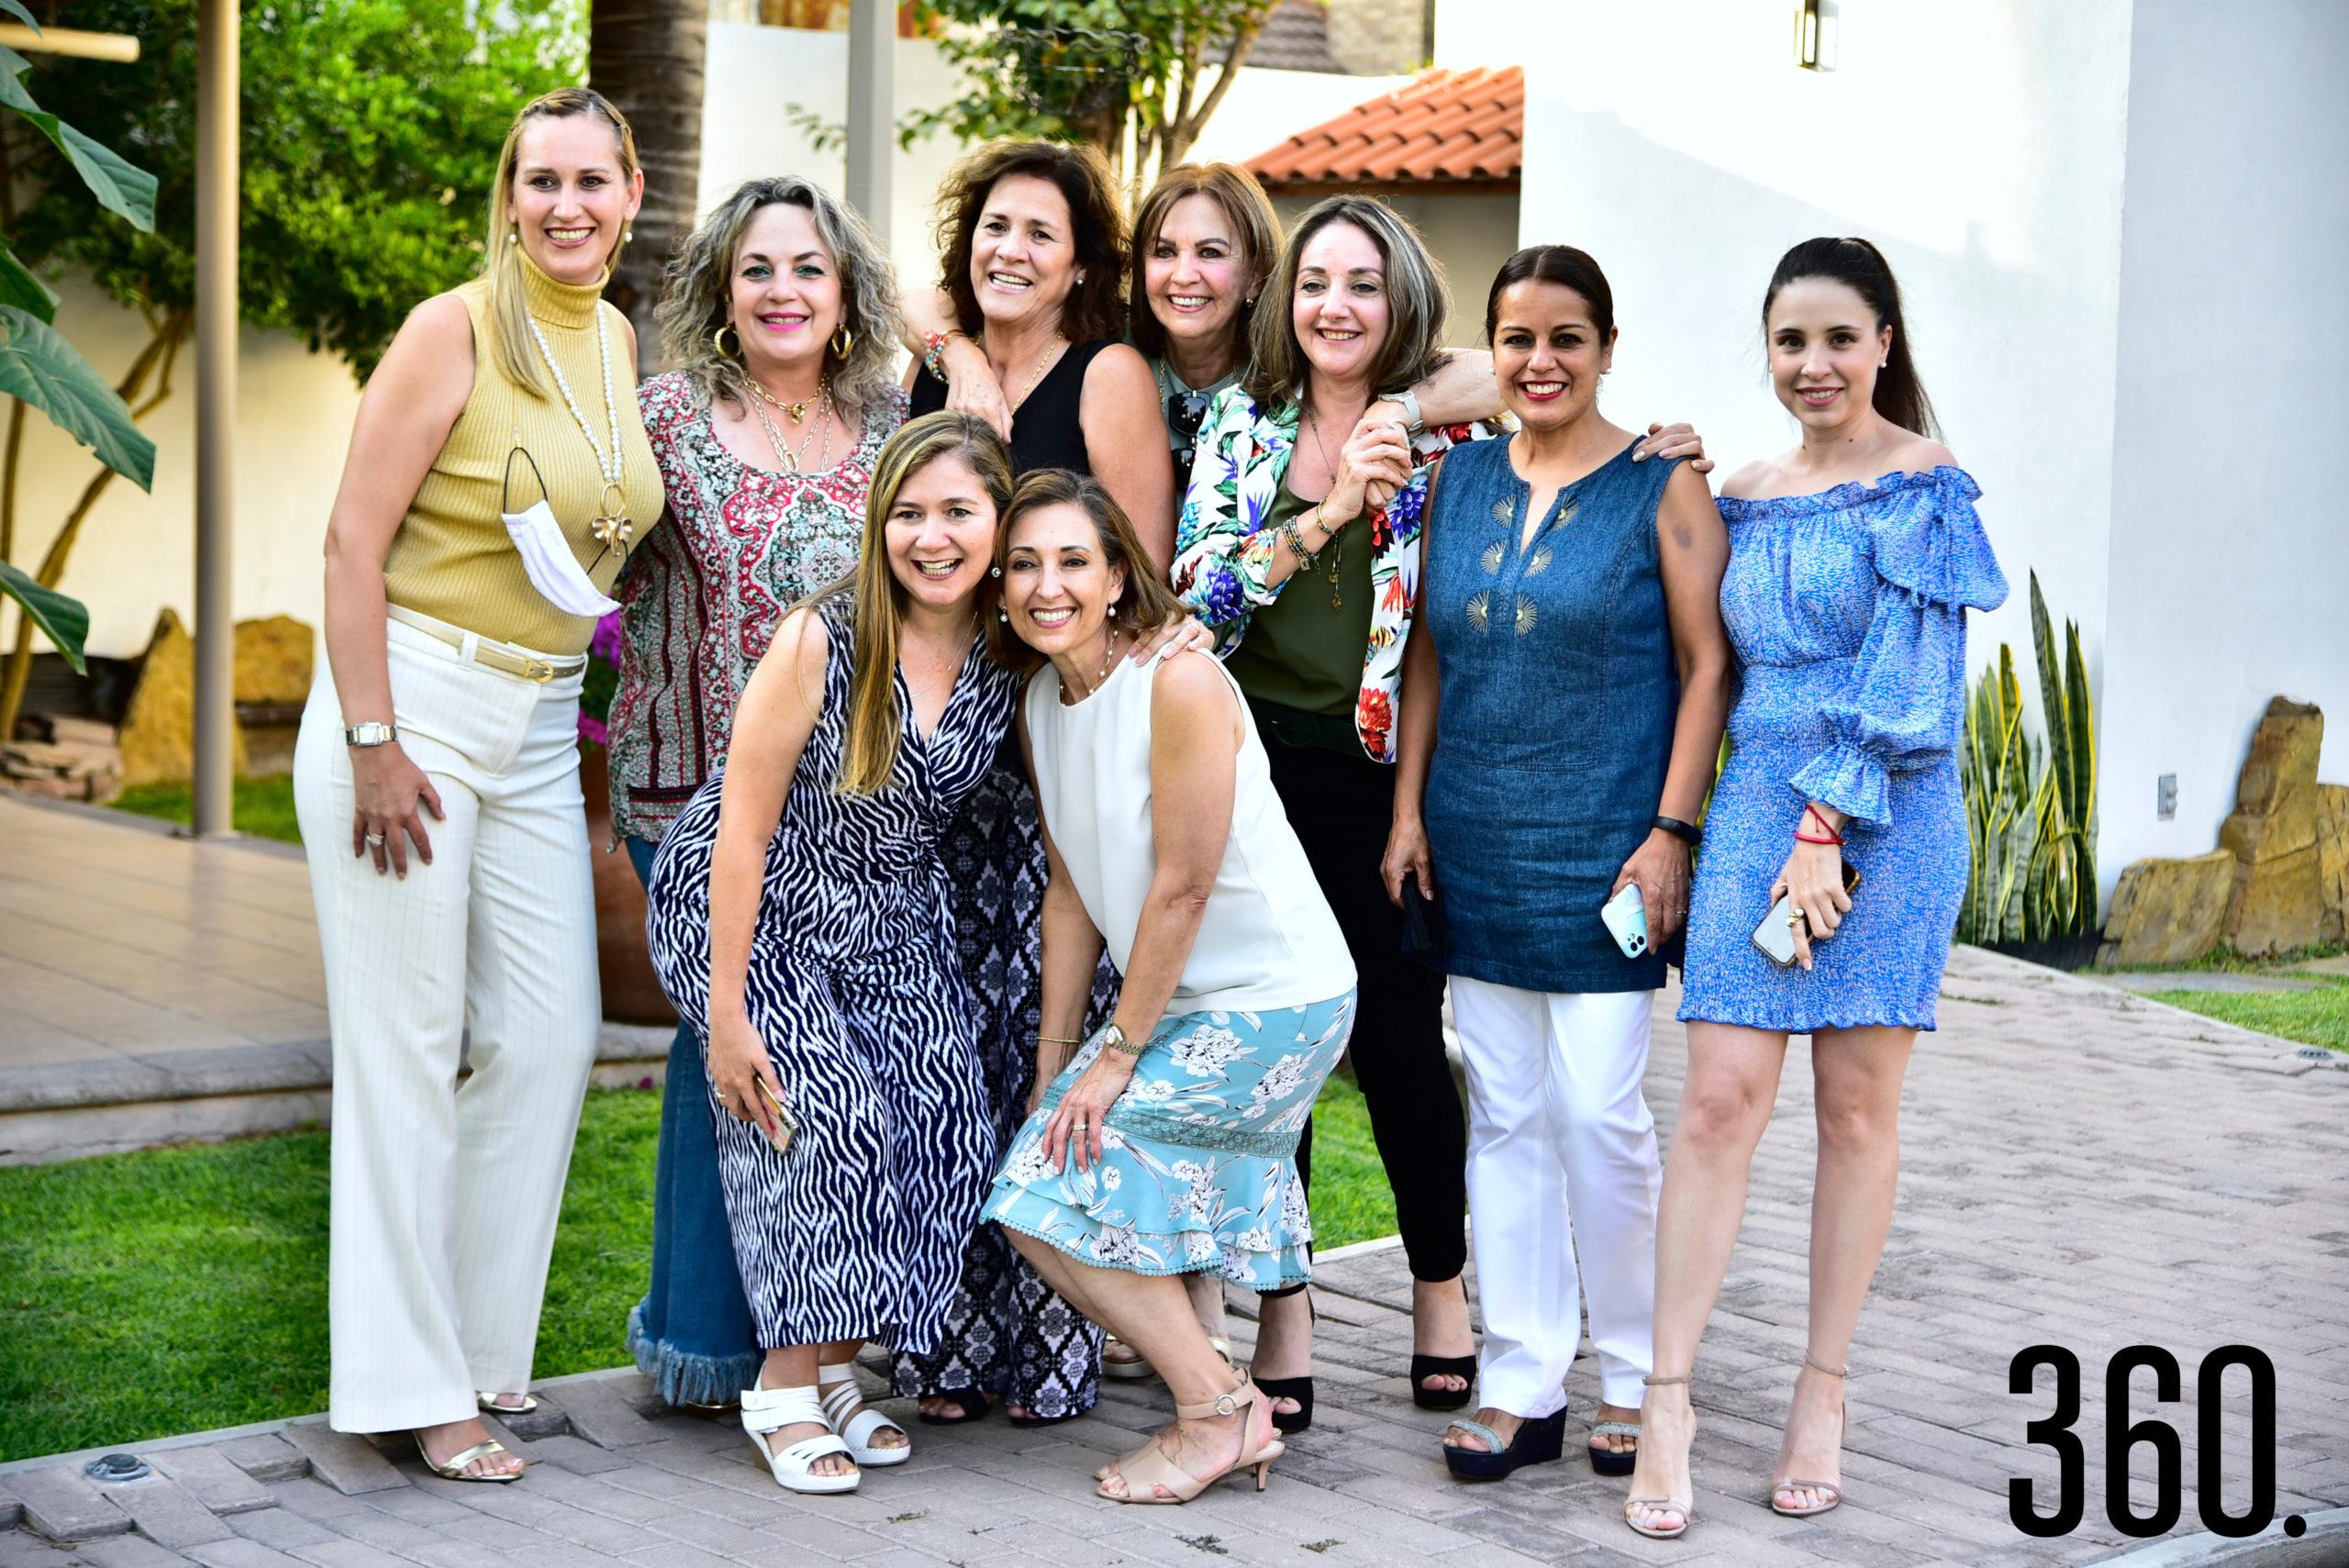 Cuquis Cooney, Mayra Yutani, Patricia Rodríguez, Diana Hinojosa, Ángeles Mendoza, Claudia Cuevas, Valeria Boehringer, Anita González y Eloina Lozano.